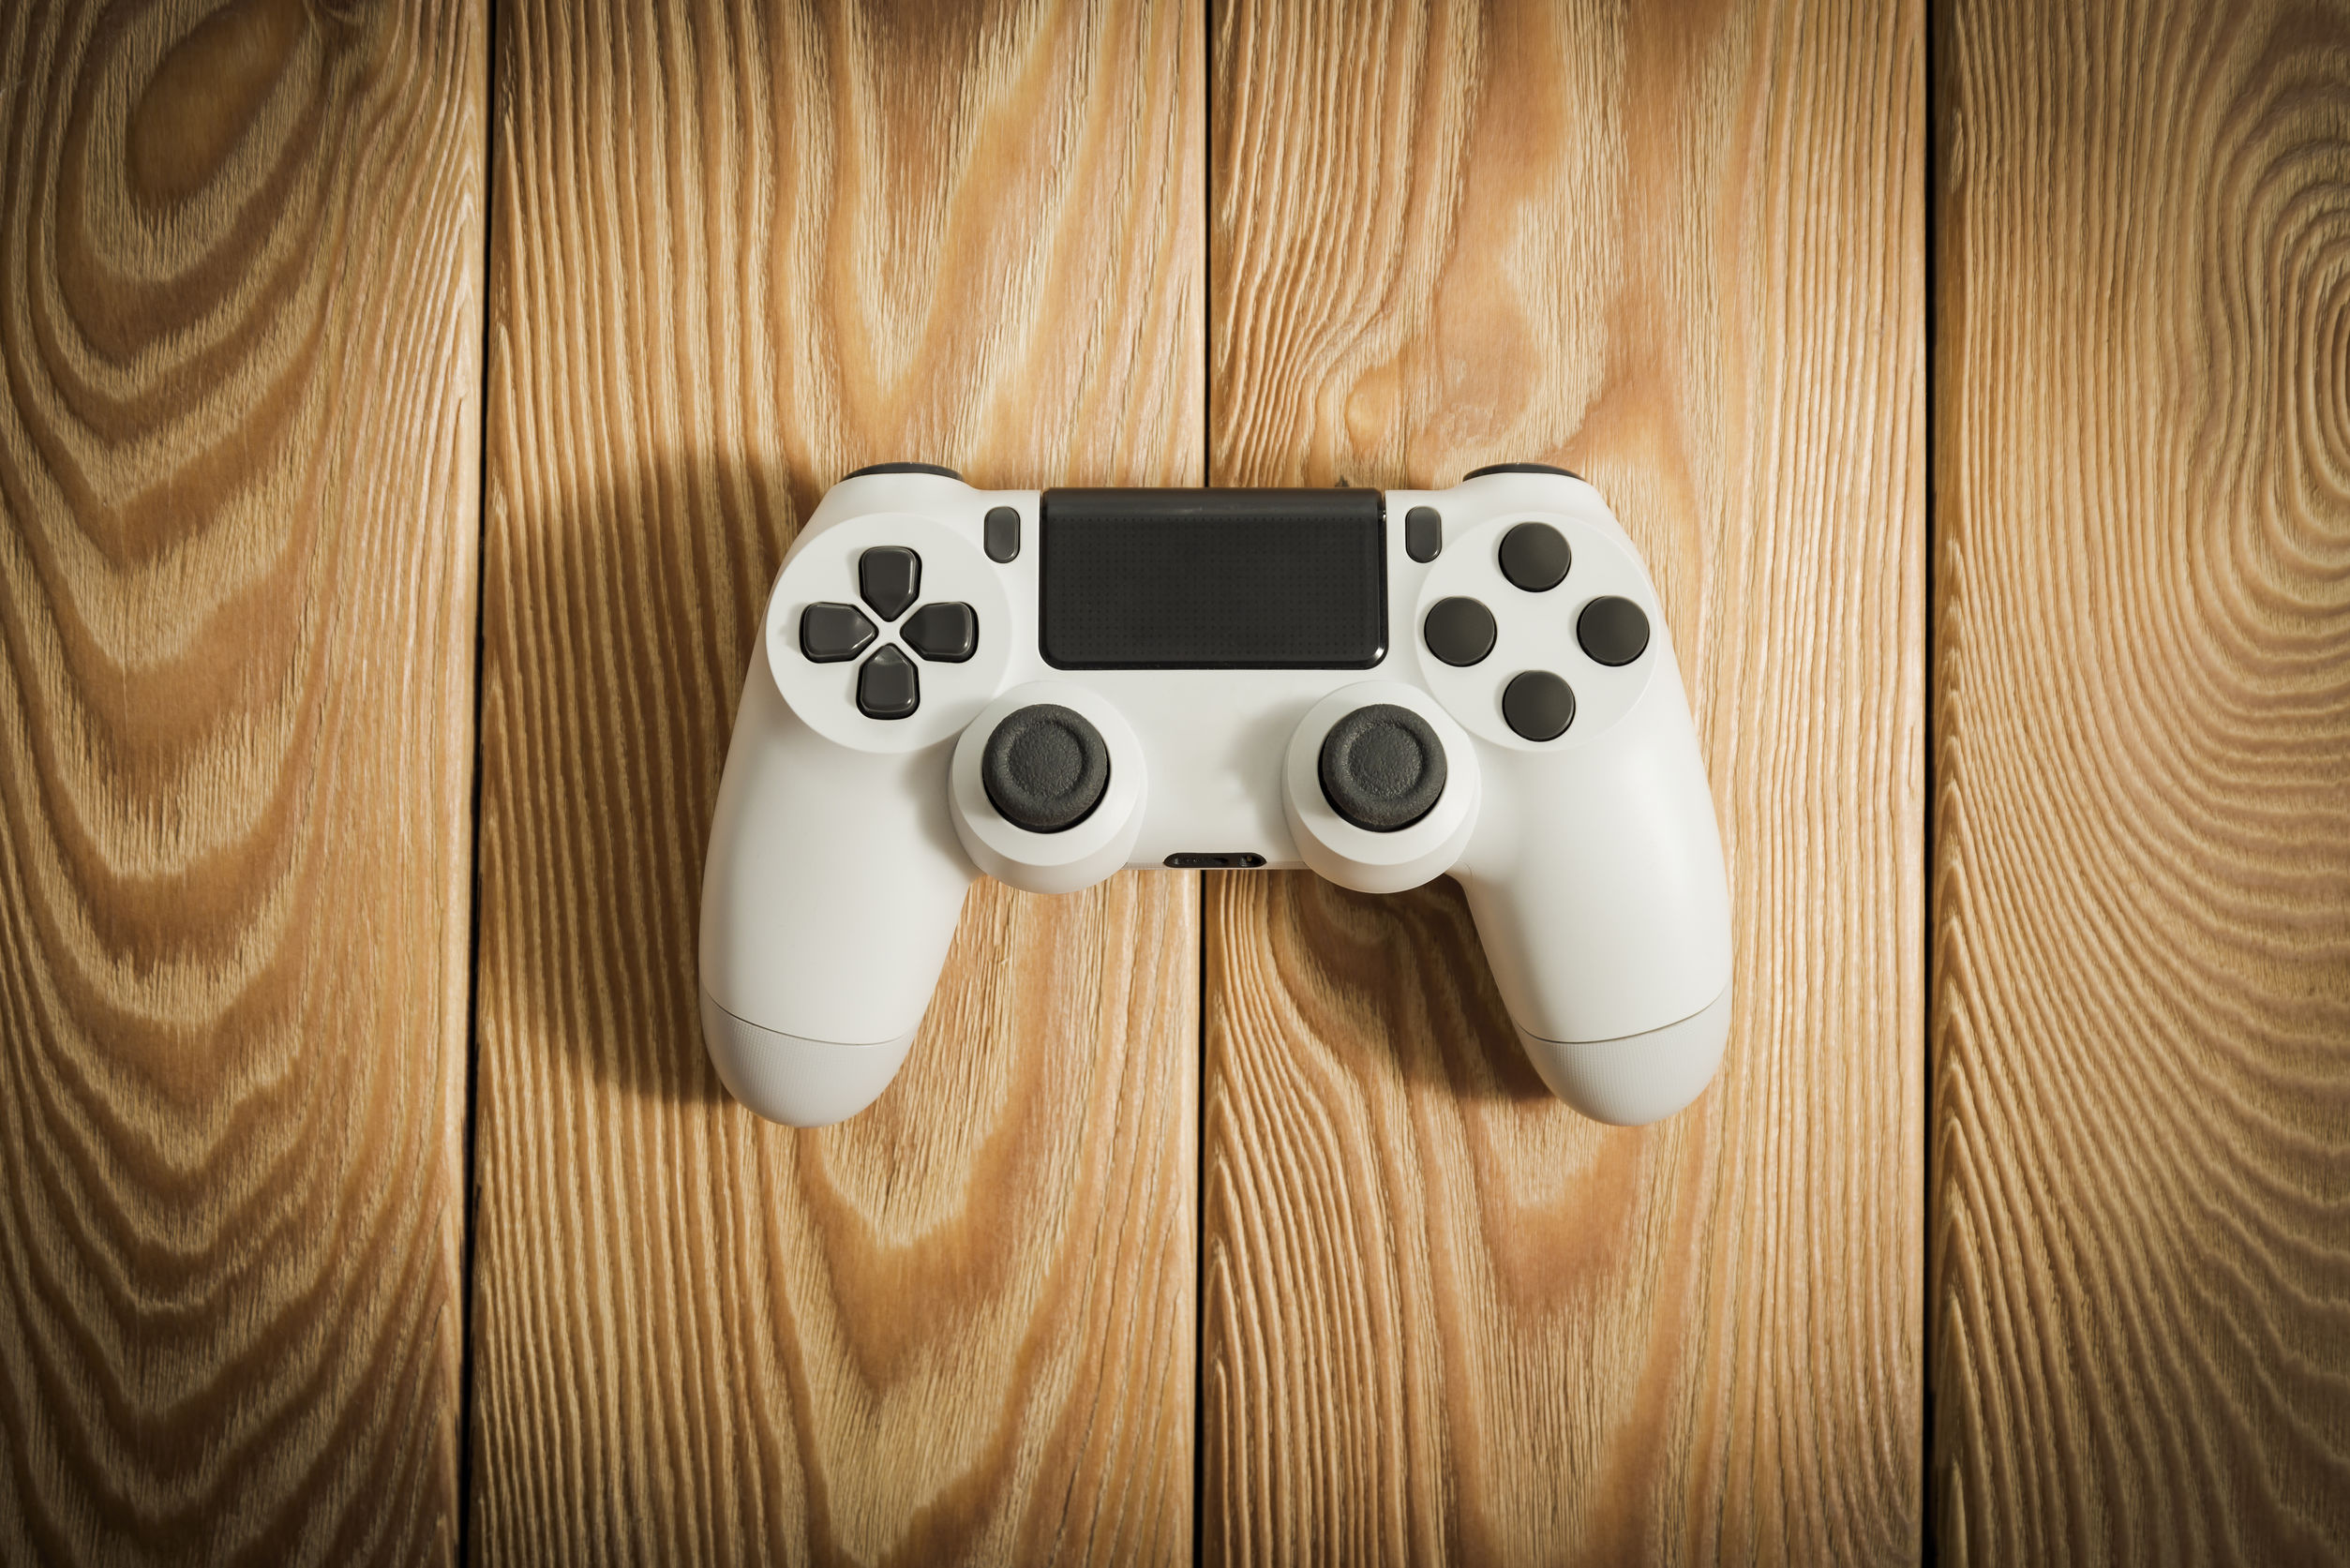 Consolas para videojuegos: ¿Cuáles son las mejores del 2021?